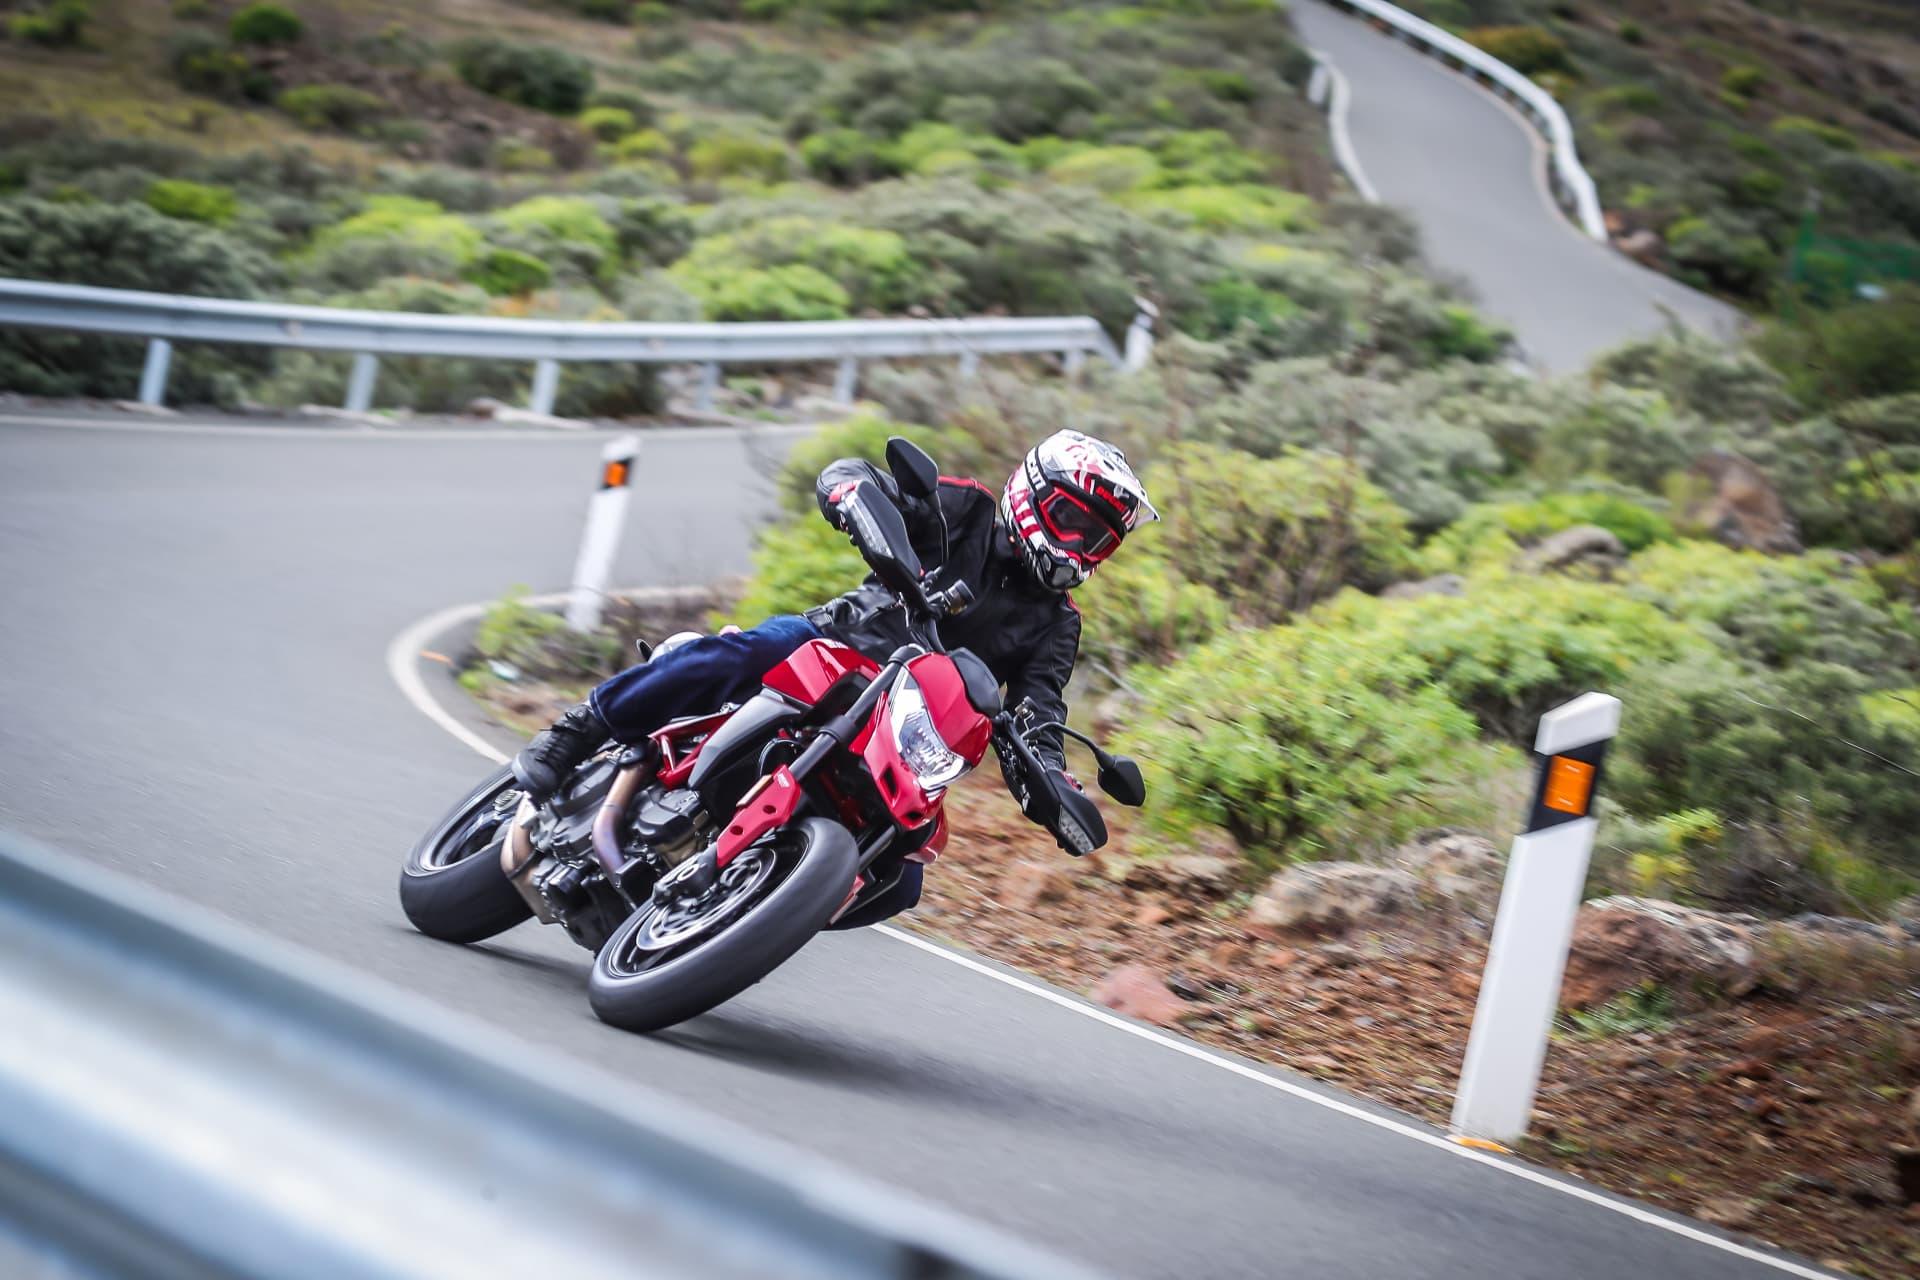 Ducati Hypermotard 950 Action 15 Uc70356 Mid